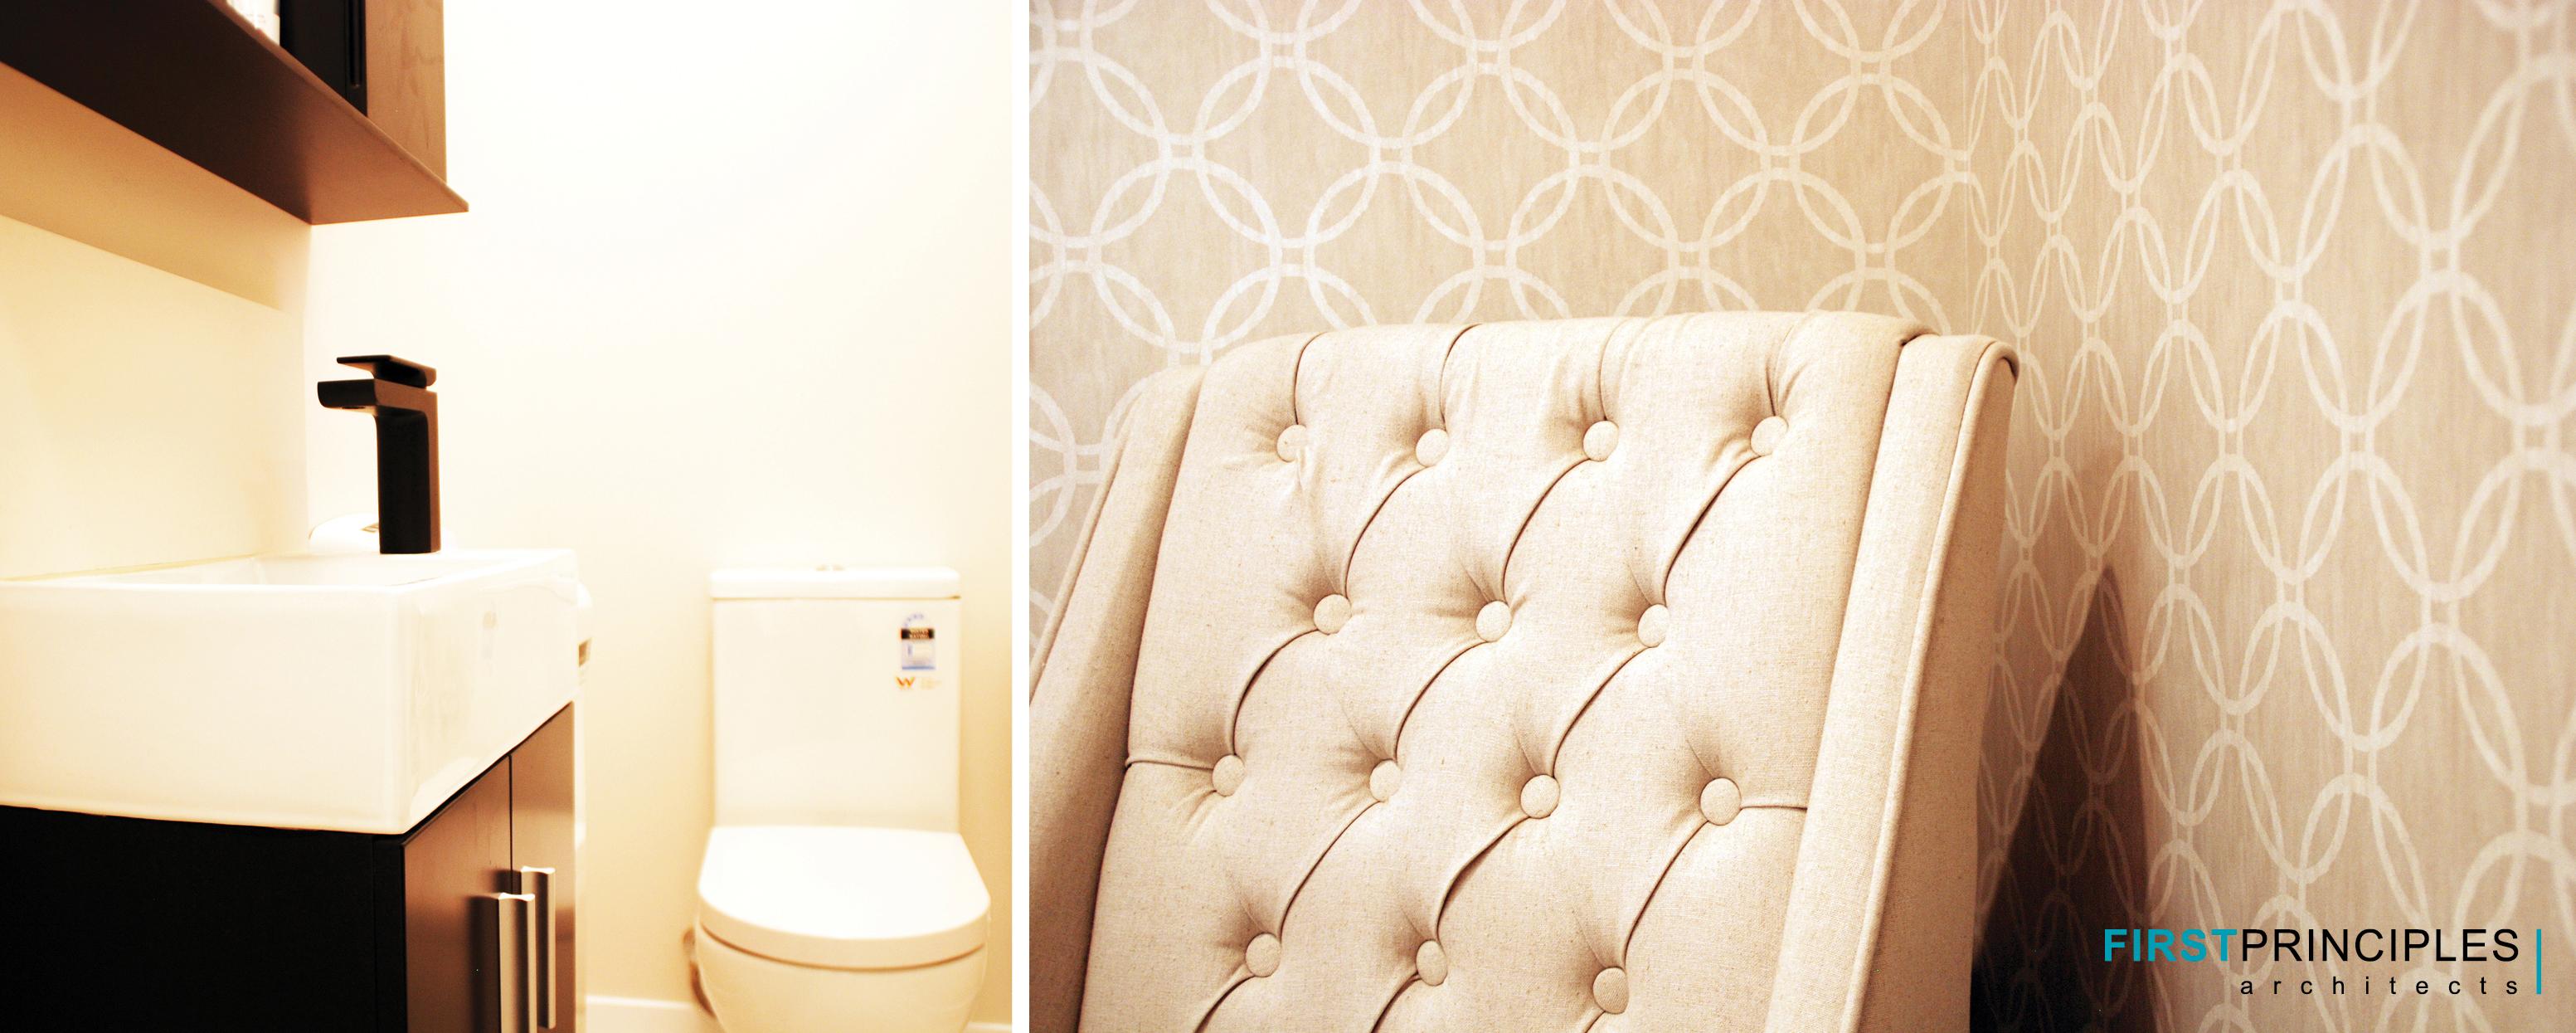 Lobby & Toilets